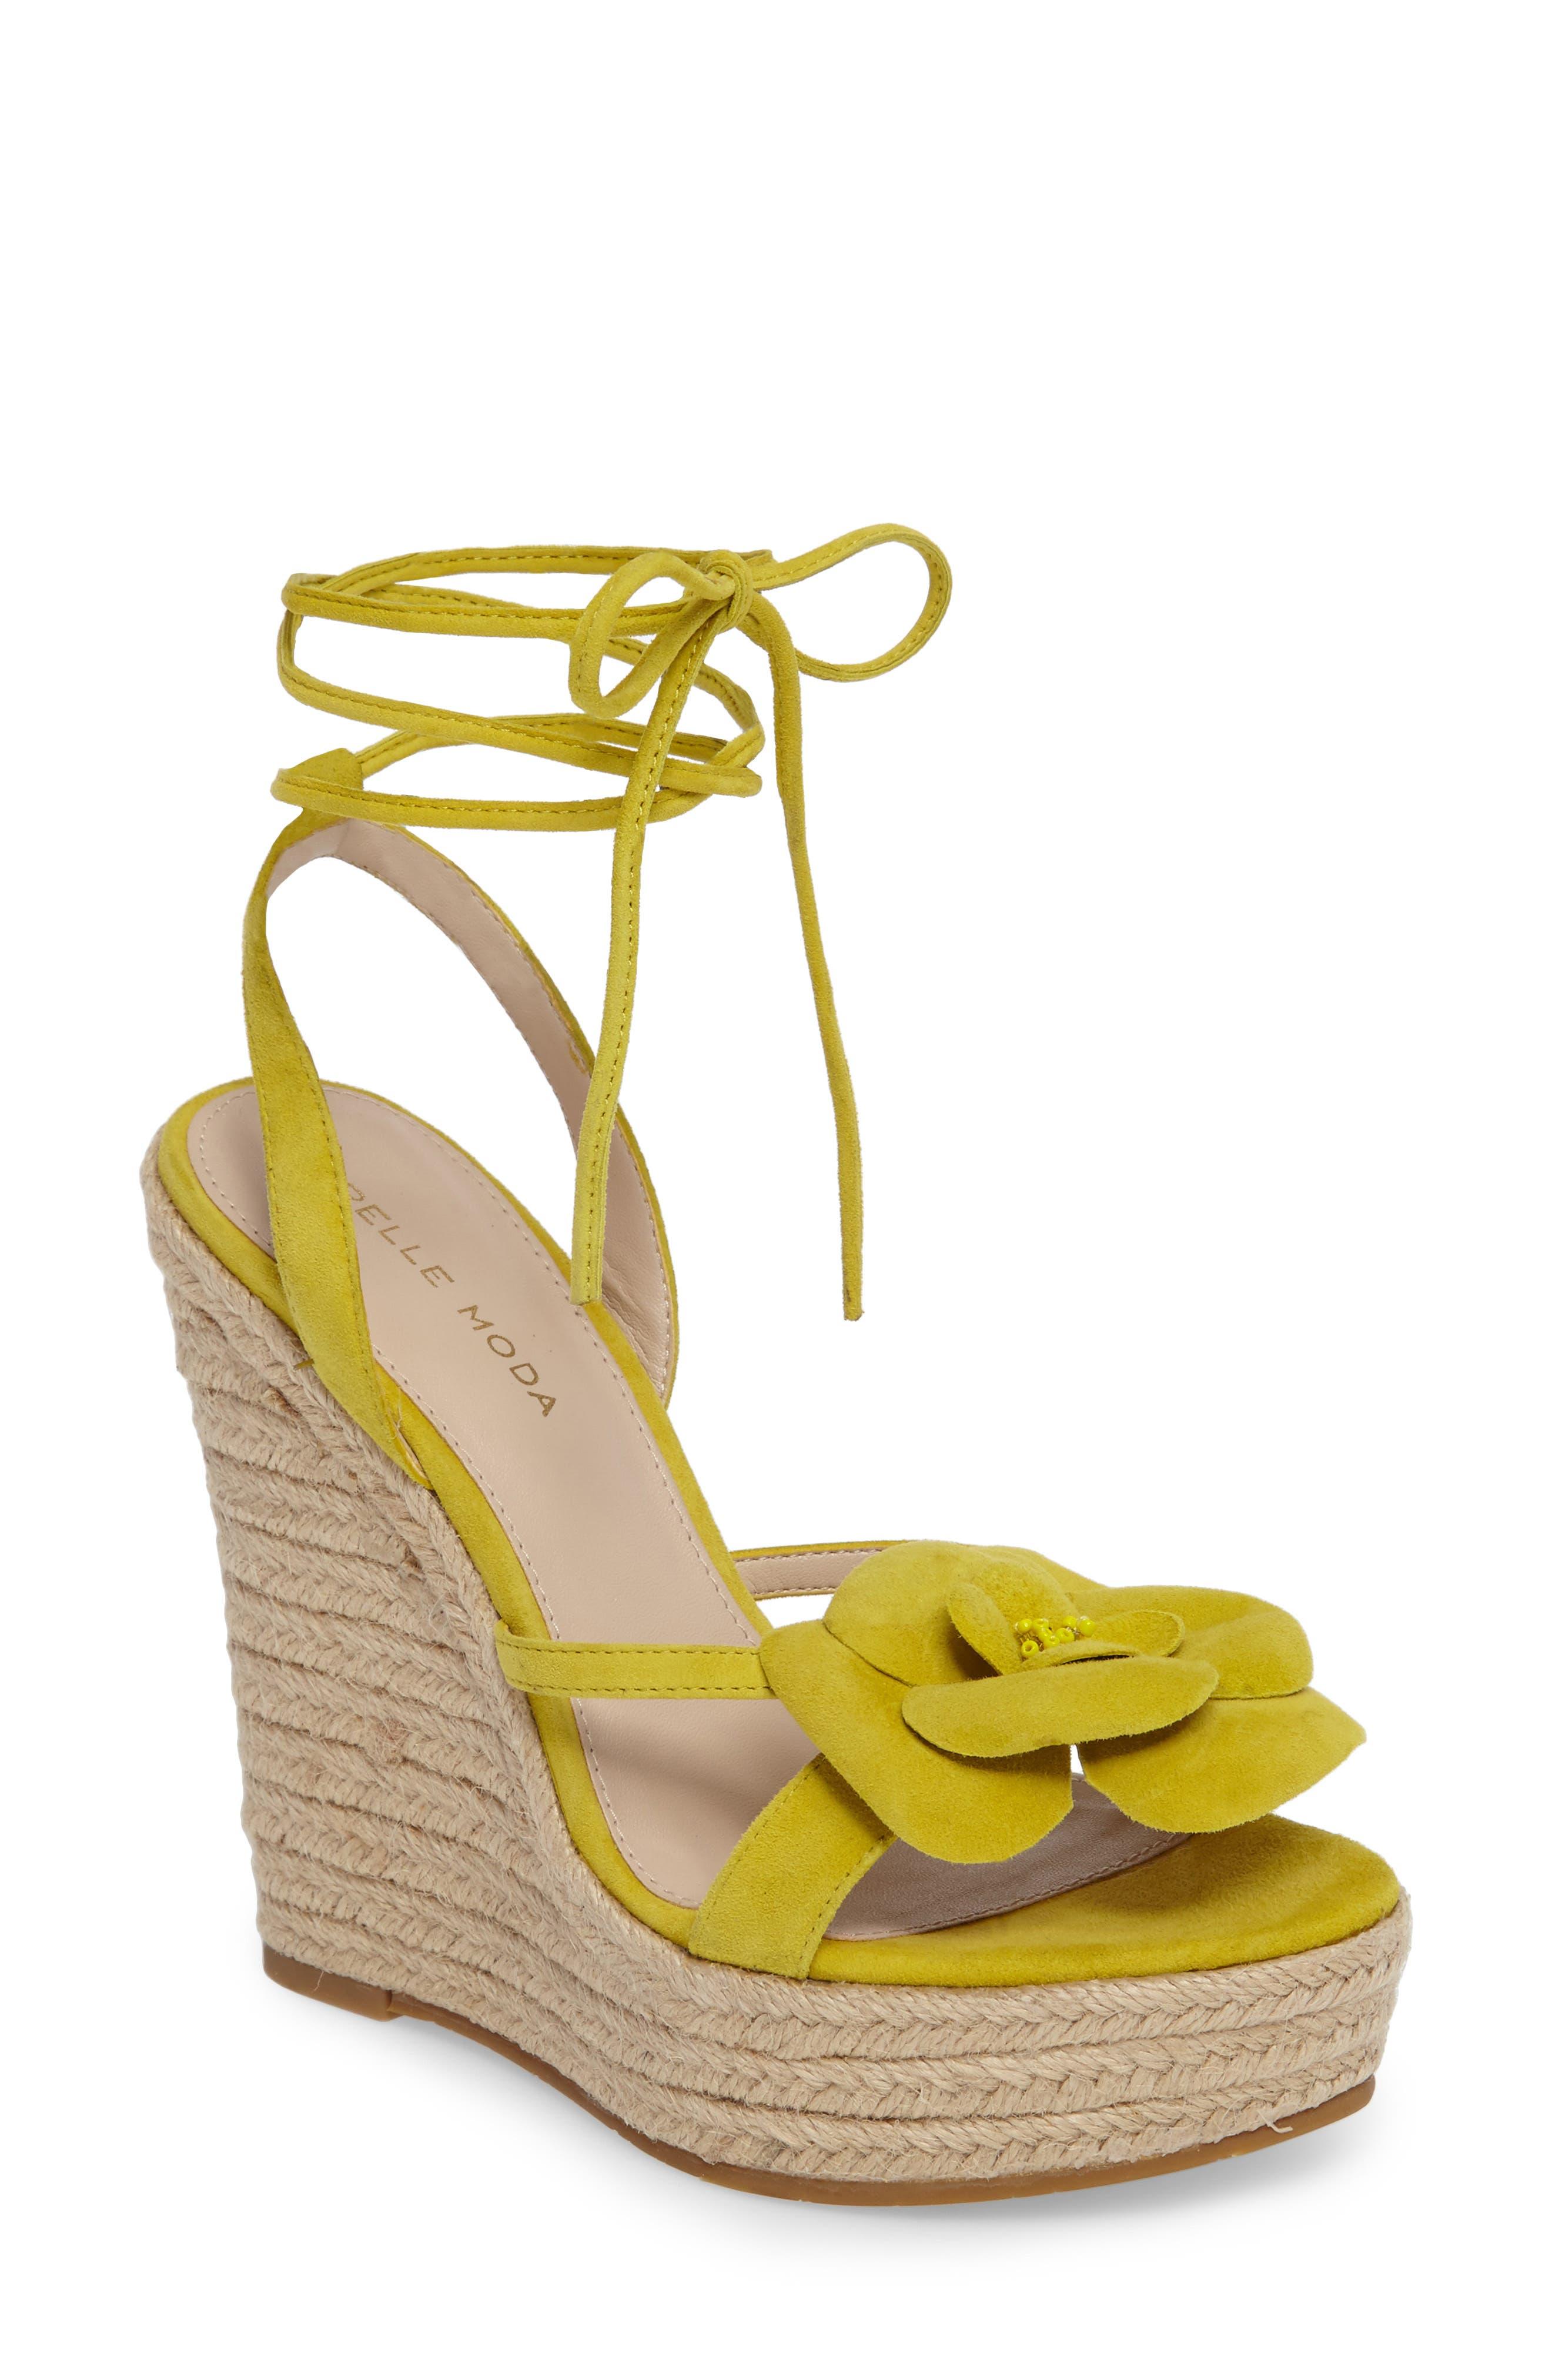 Alternate Image 1 Selected - Pelle Moda Olena Espadrille Wedge Sandal (Women)